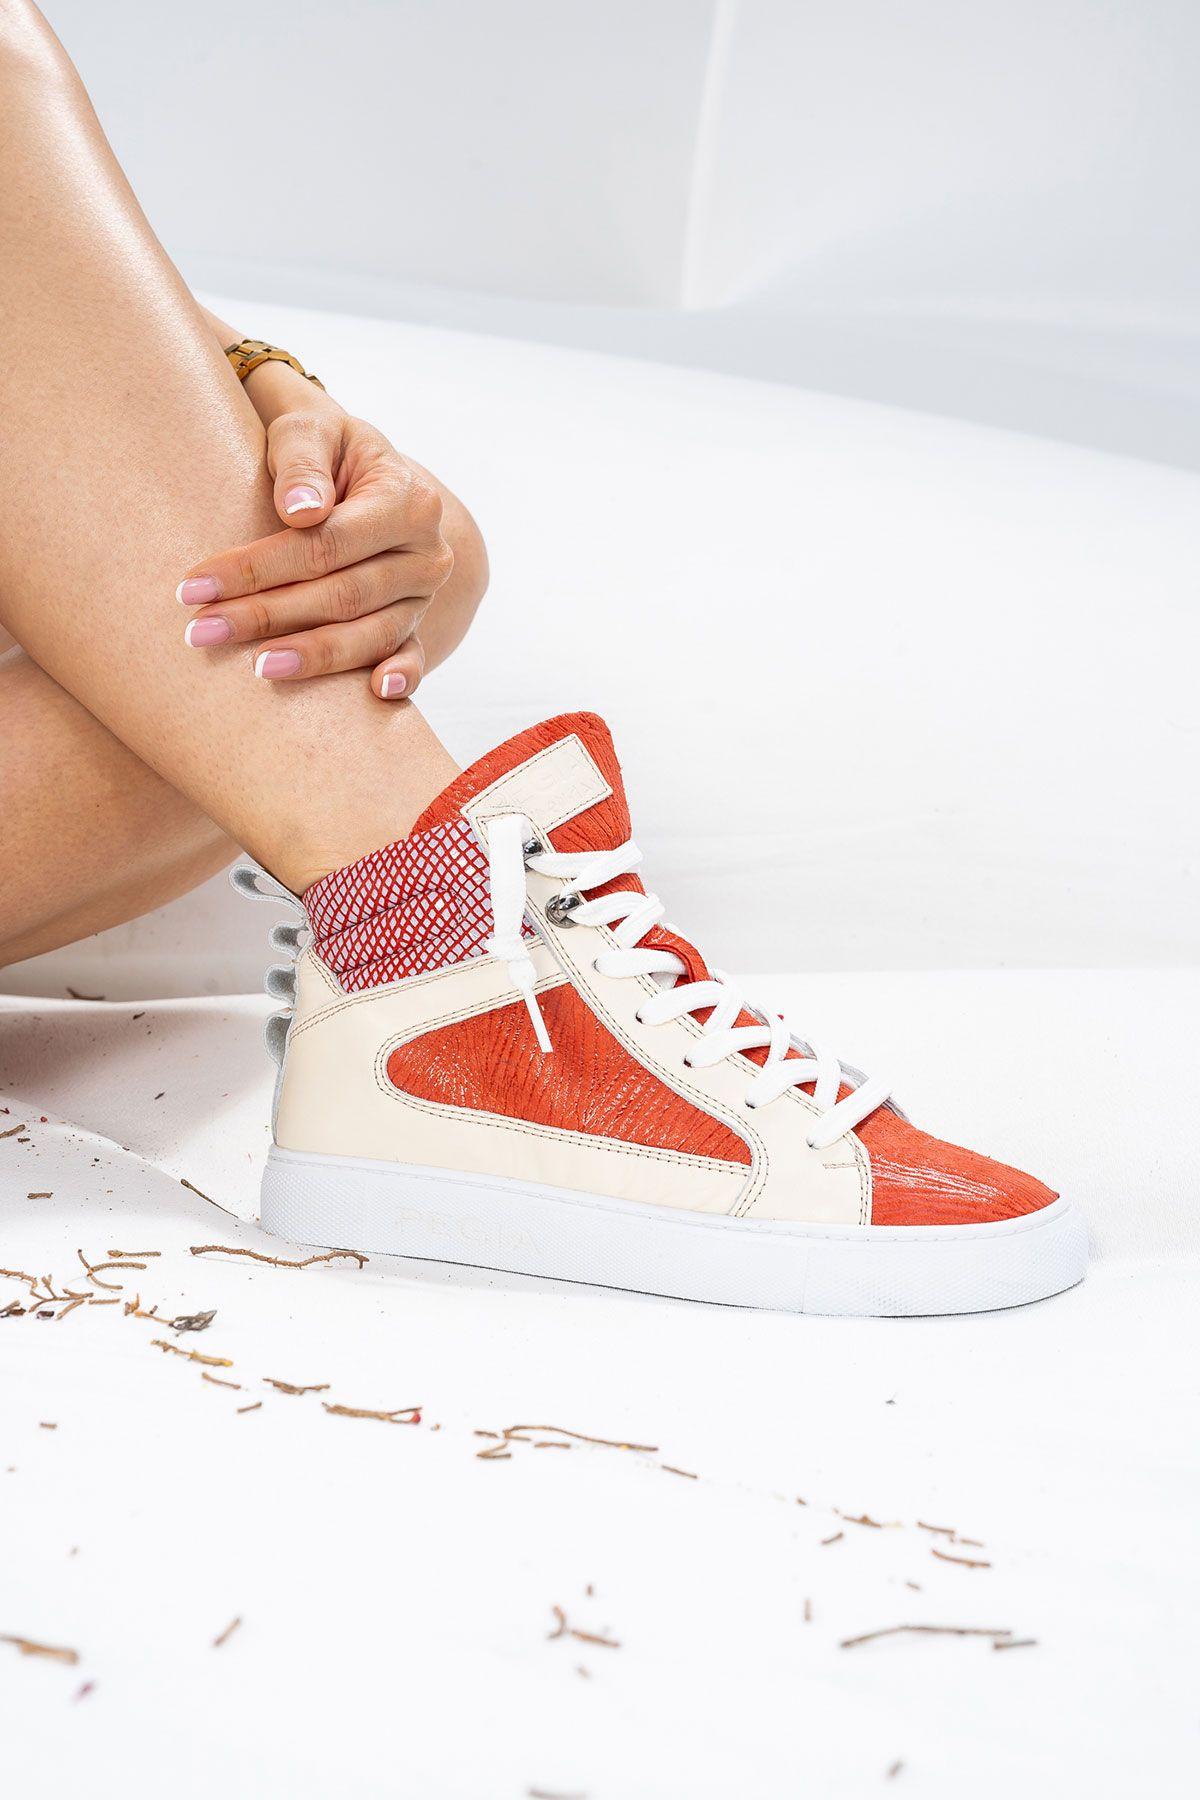 Pegia Genuine Leather Women's Sneaker LA1213 Red